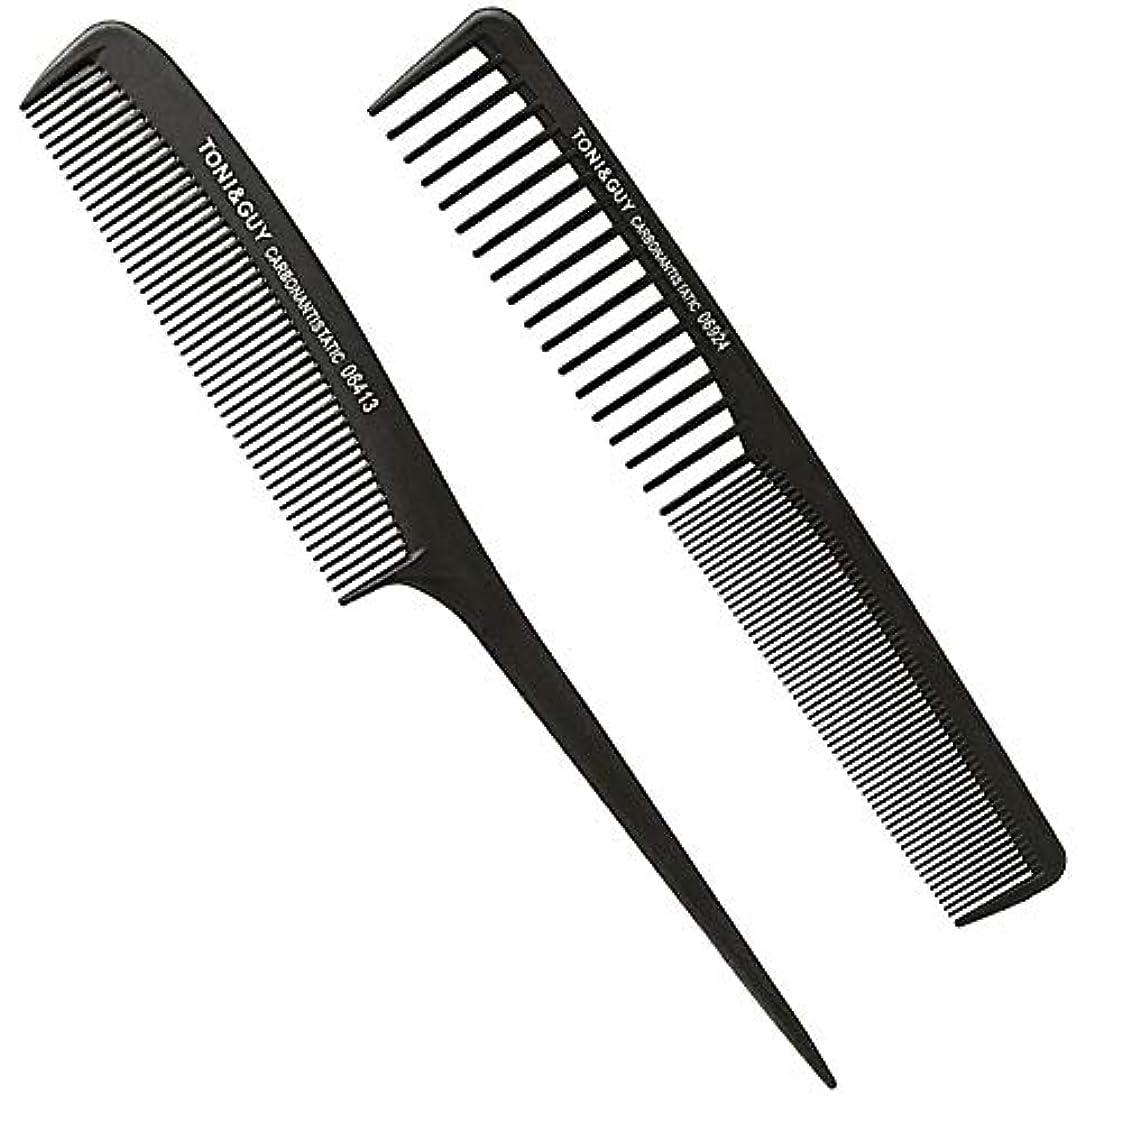 分解する確認美容師Mutuki セットコーム リングコーム カットコーム 櫛 2本セット 静電気防止 男女兼用 Kusi-05